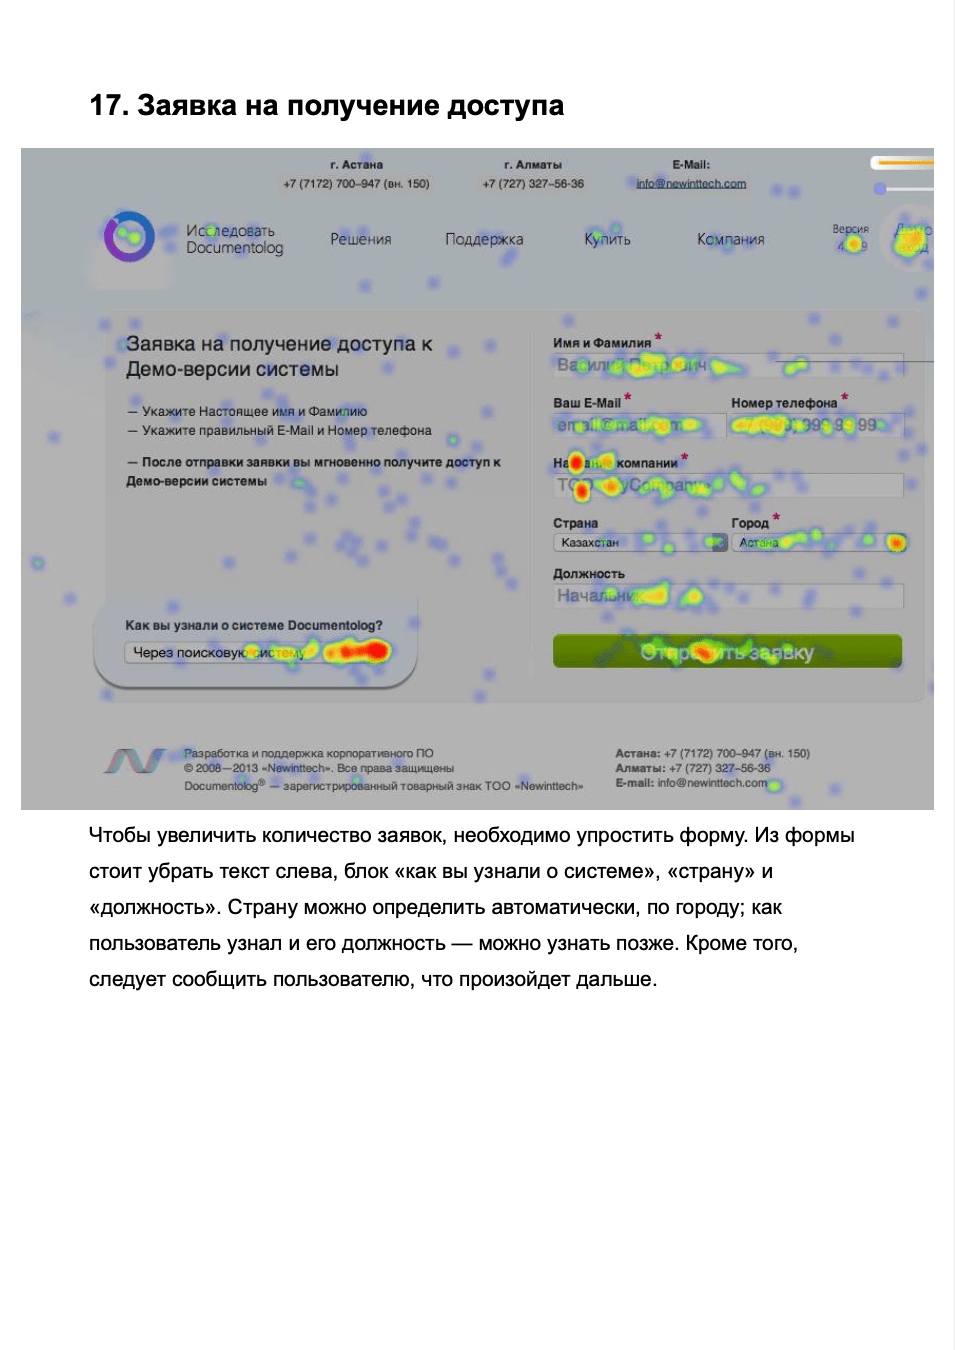 Анализ «Документолога» Сайт Артура Нецветаева — сайты, приложения, прототипы и оформление интерфейсов 30